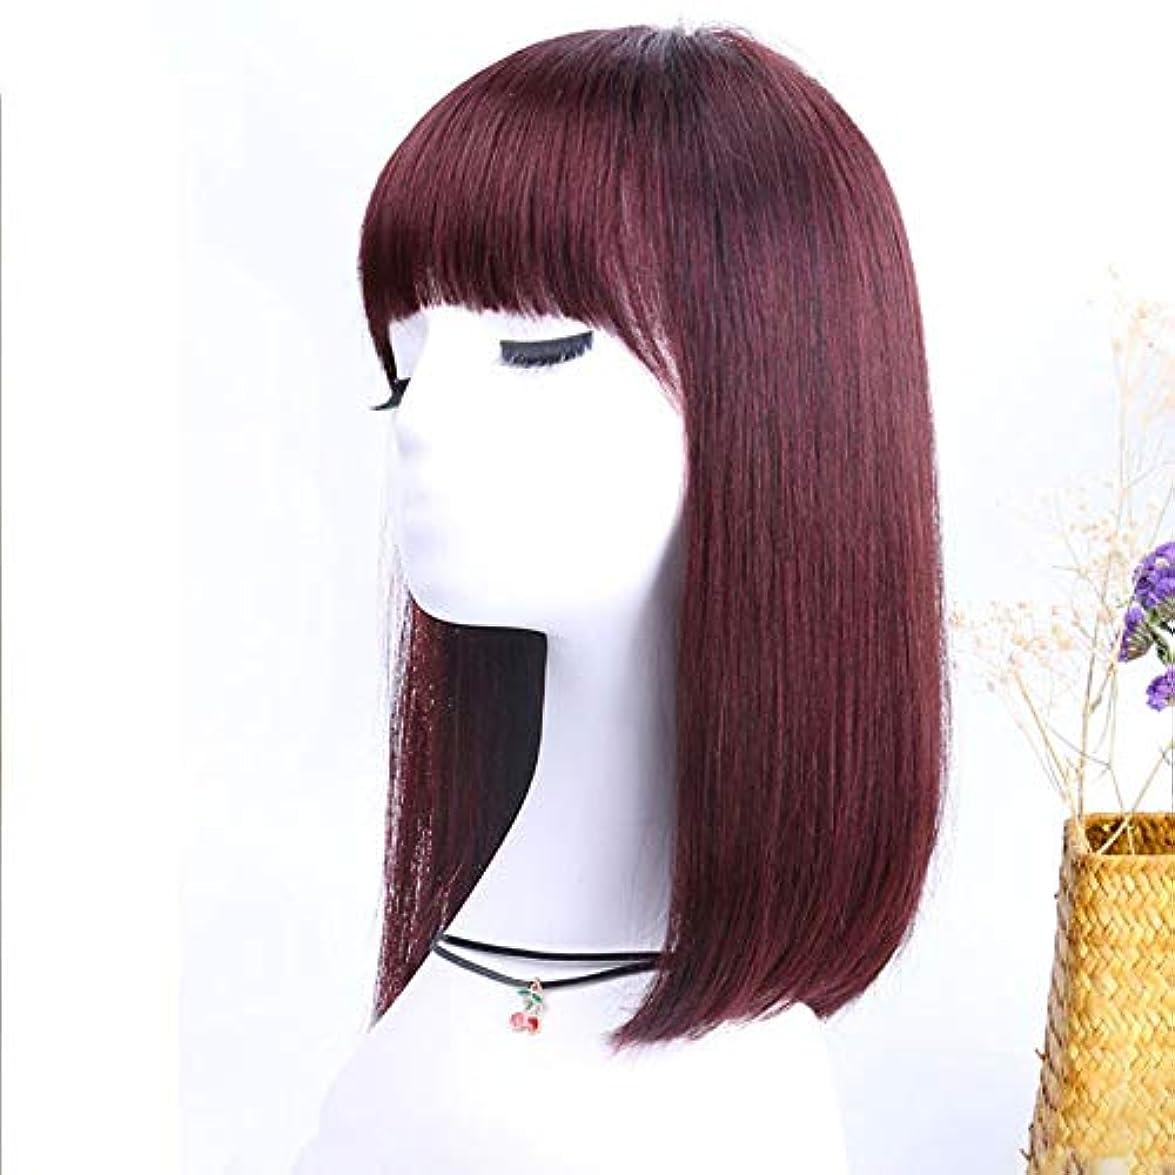 発生セクタチチカカ湖YOUQIU 女性のパーティードレス毎日ウィッグのために本物の人間の髪の毛ボブウィッグショルダーストレート髪の内側にバックル梨ヘッド (色 : Dark brown)